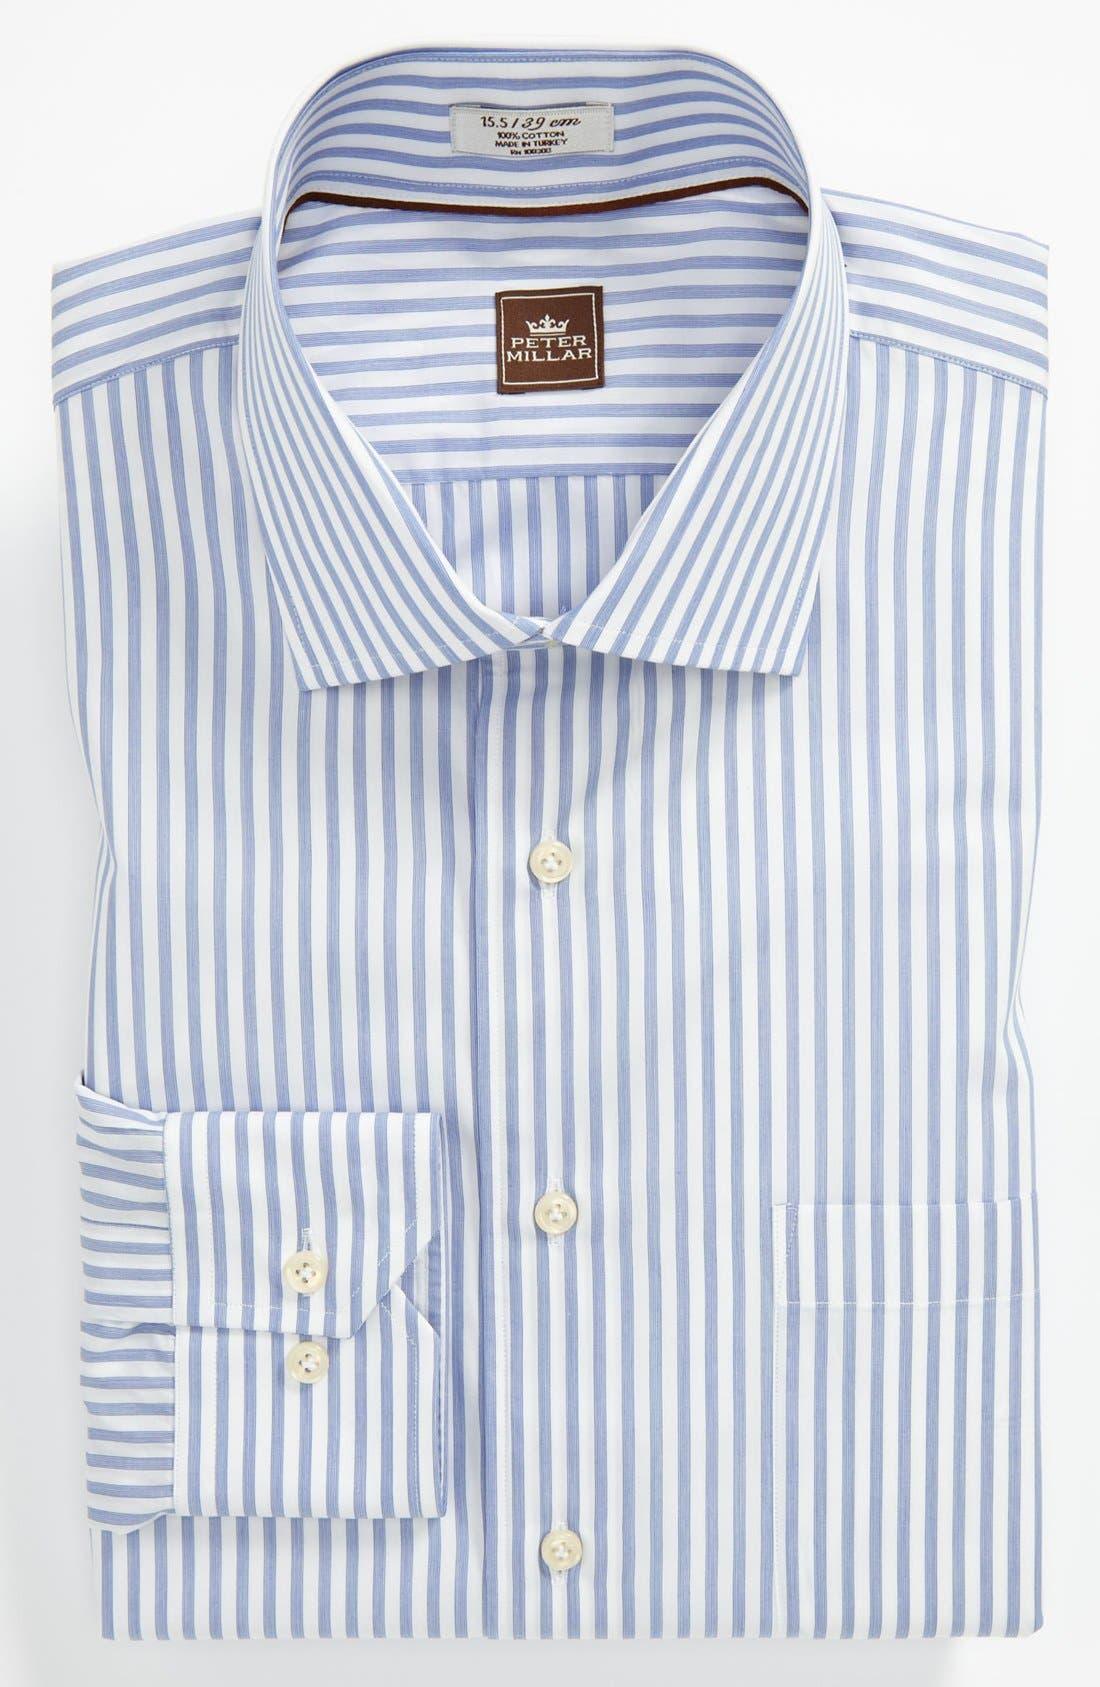 Main Image - Peter Millar Regular Fit Dress Shirt